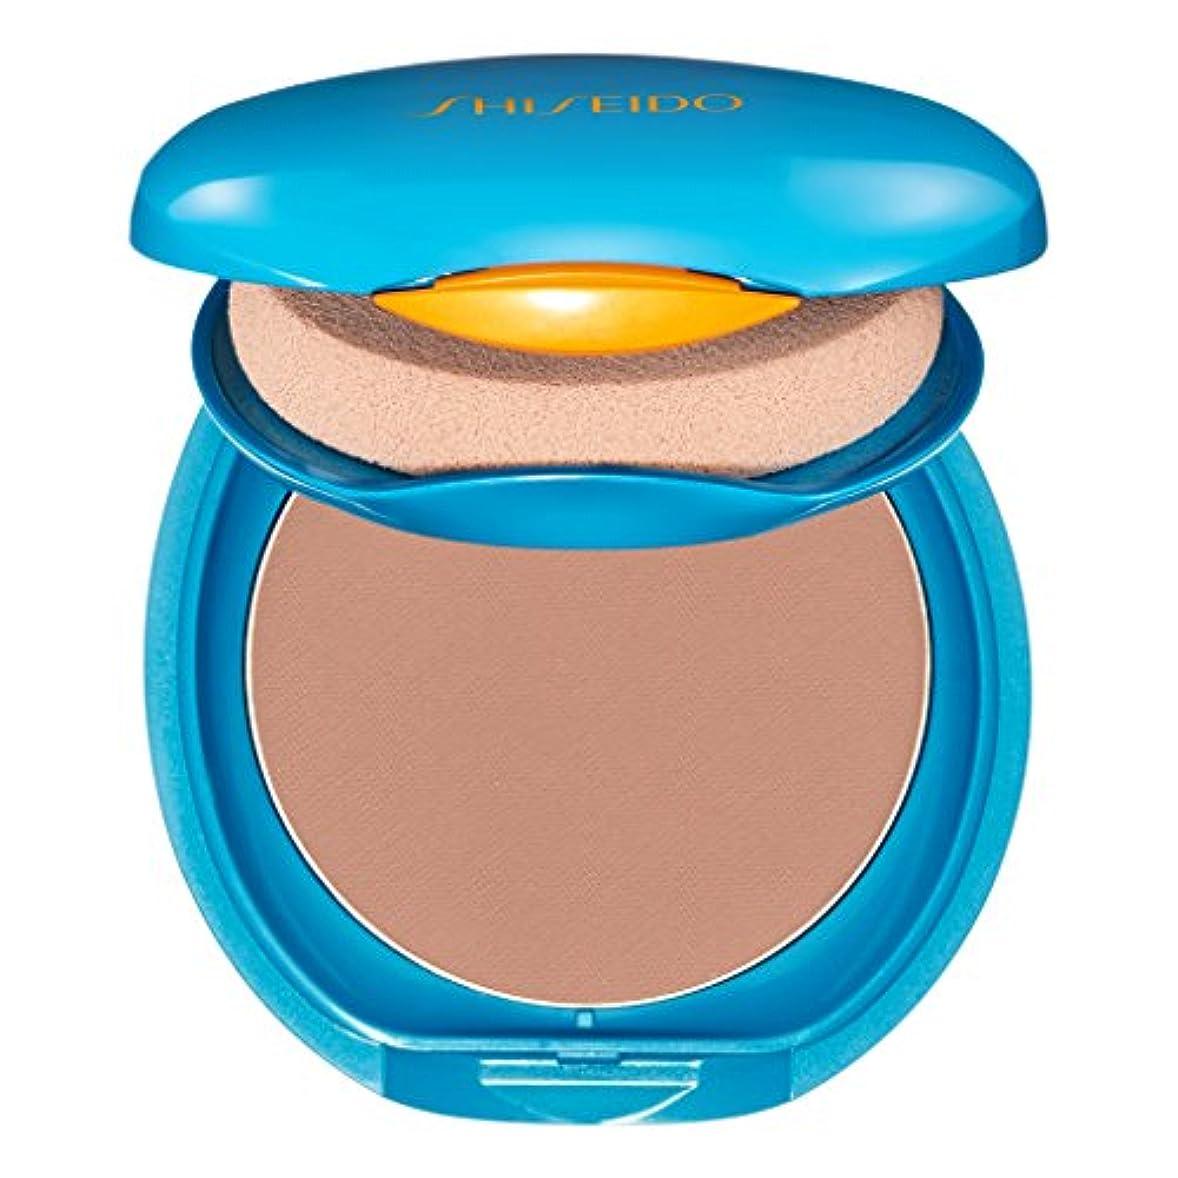 診療所記念貼り直す資生堂 UV Protective Compact Foundation SPF 36 Refill - # SP60 Medium Beige 12g/0.42oz並行輸入品